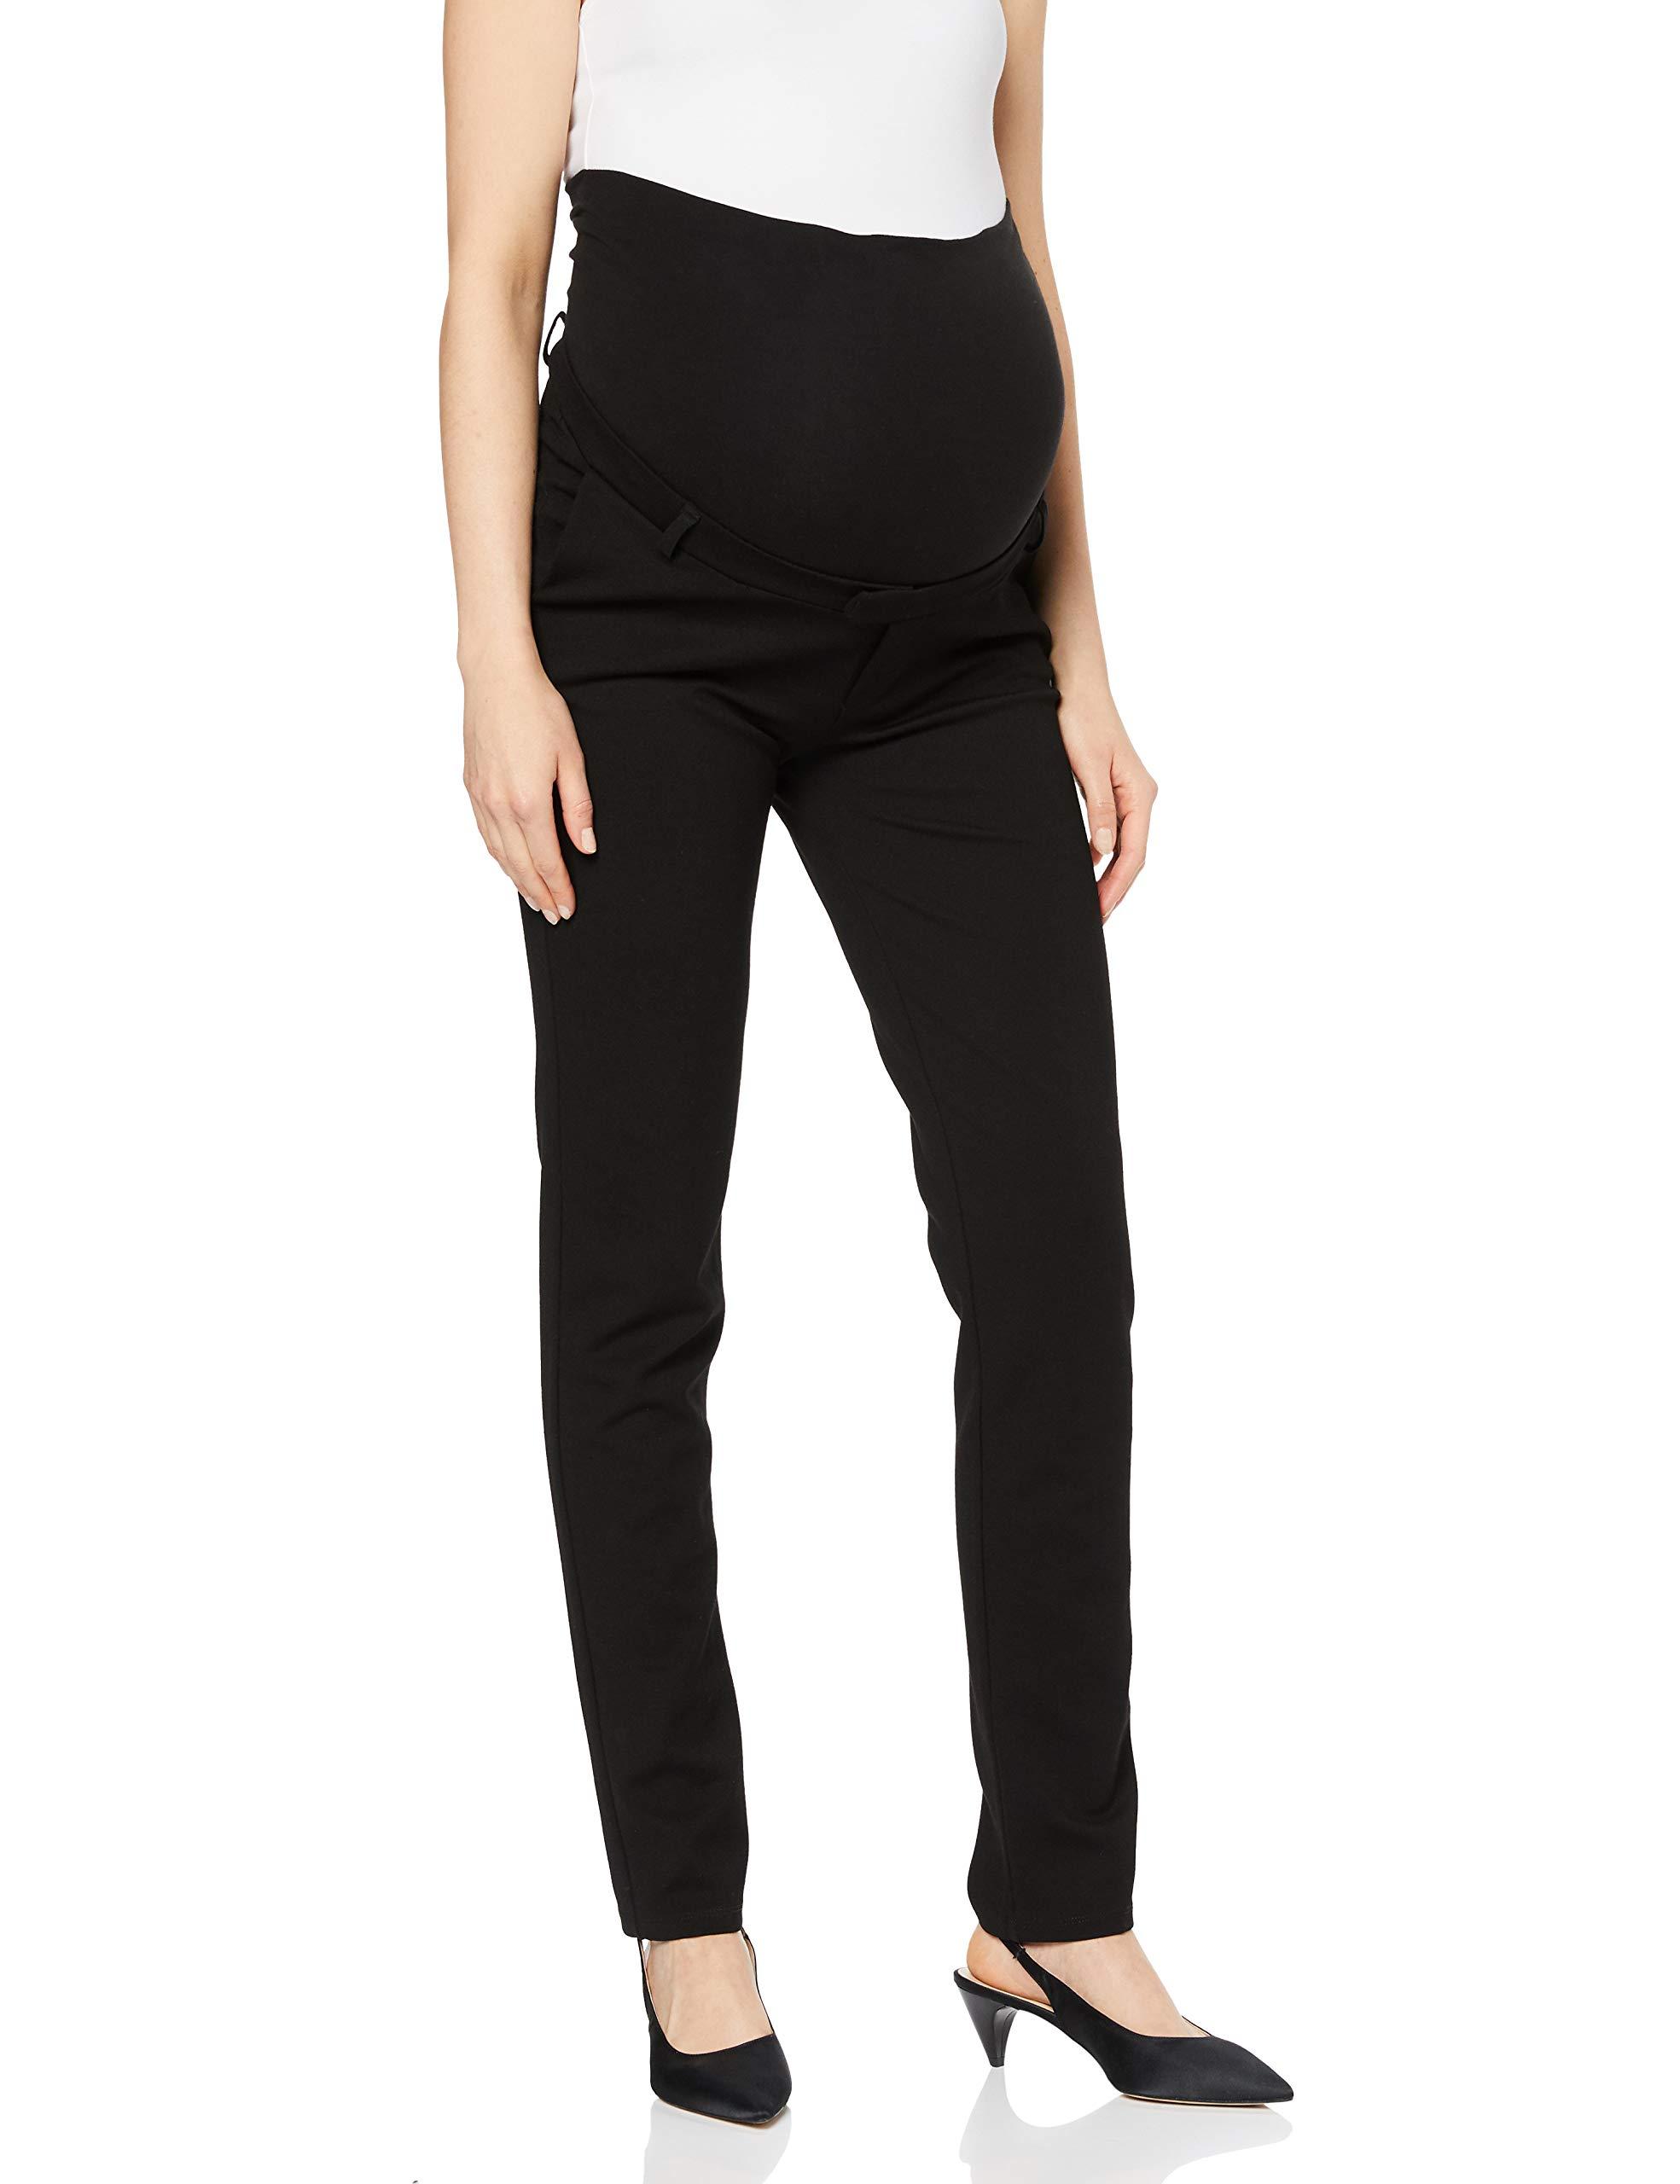 Kadie Pantalon Noppies Pants FabricantSFemme De MaternitéNoirblack C27038taille Otb ZPiukX